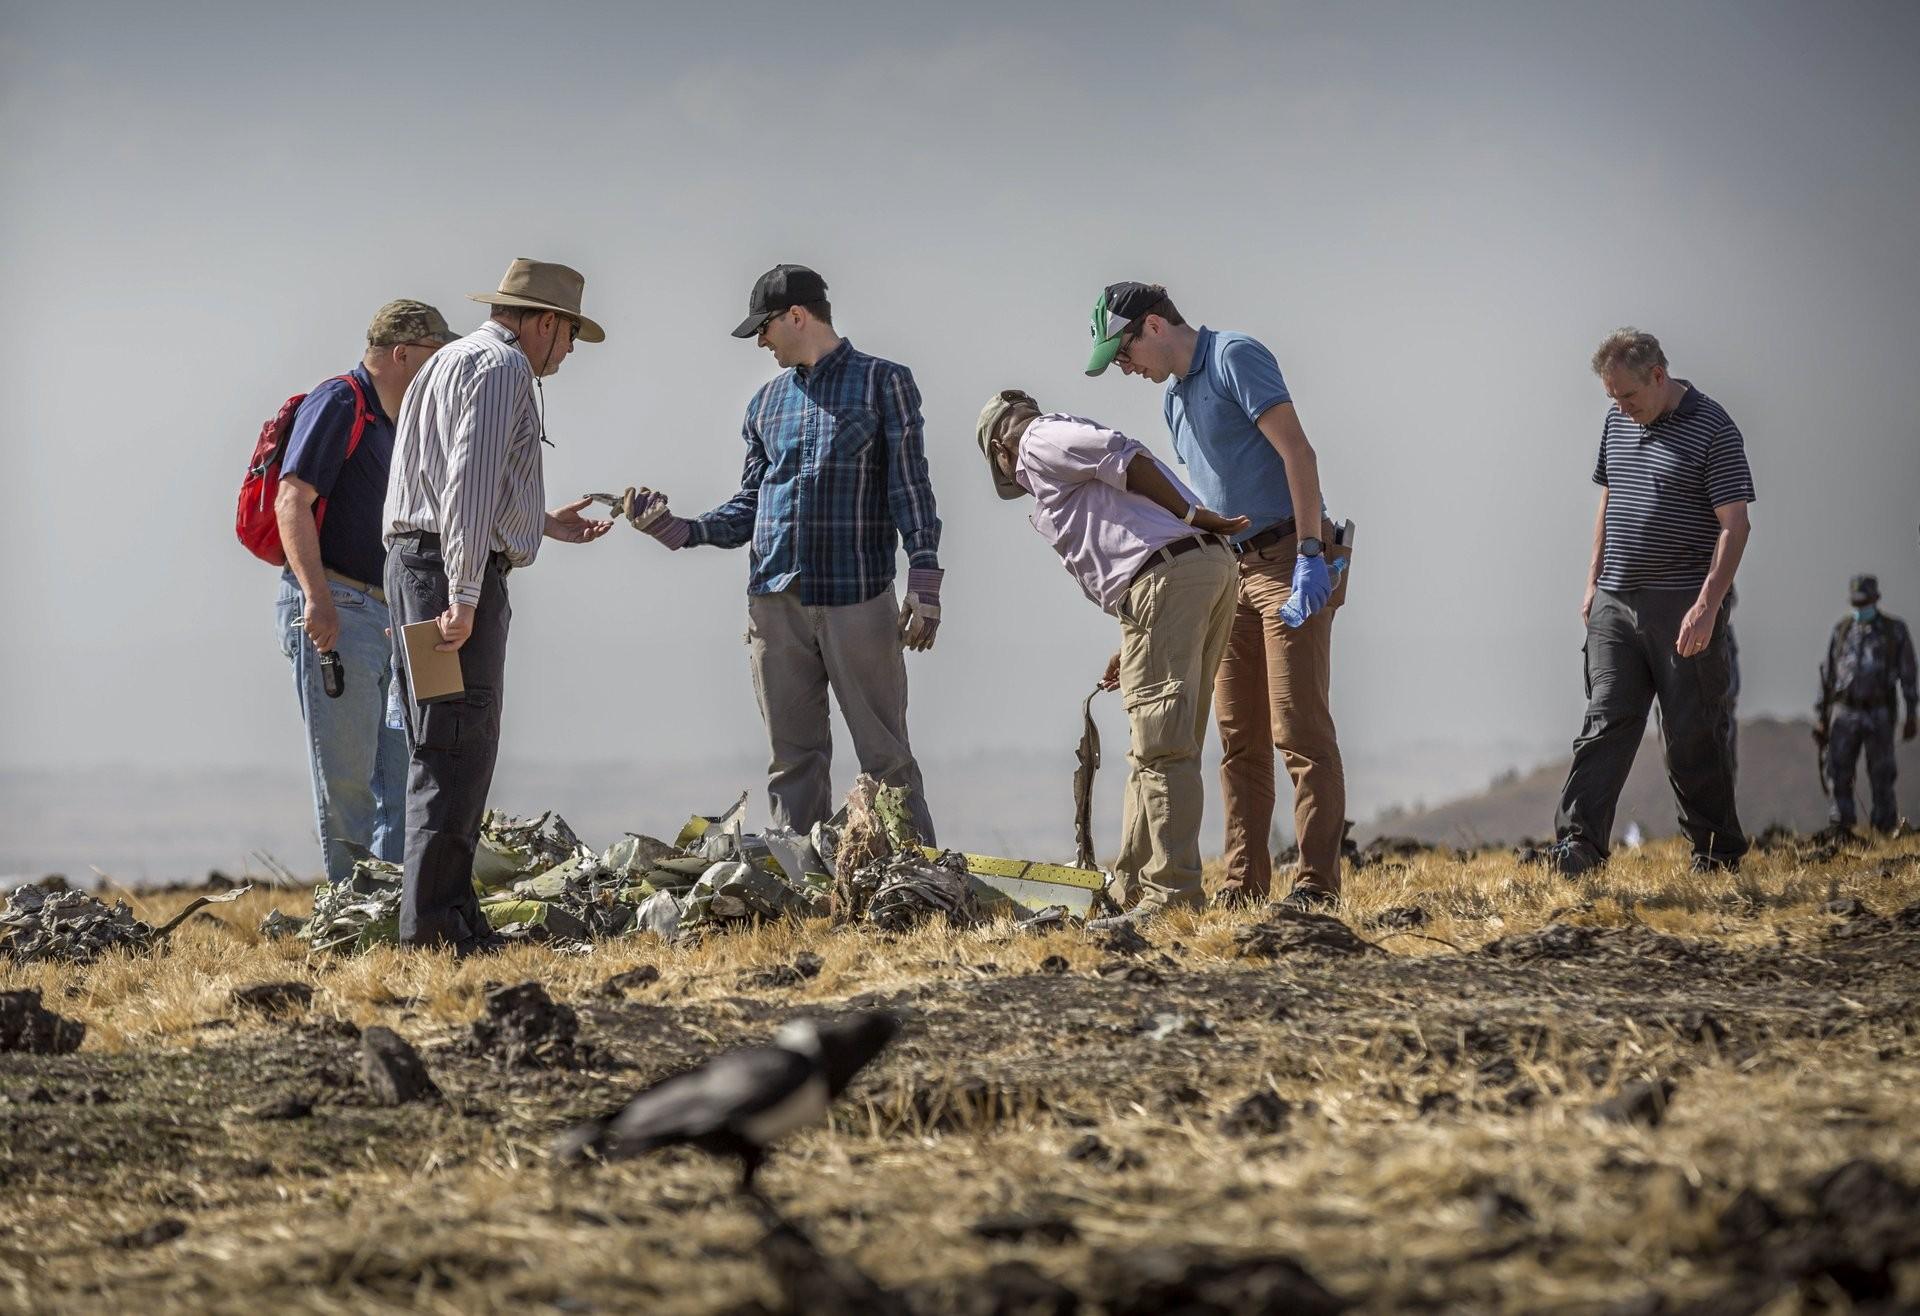 Investigadores examinan los restos en el lugar donde se estrelló el Boeing 737 Max 8 de Ethiopian Airlines (Foto: AP)